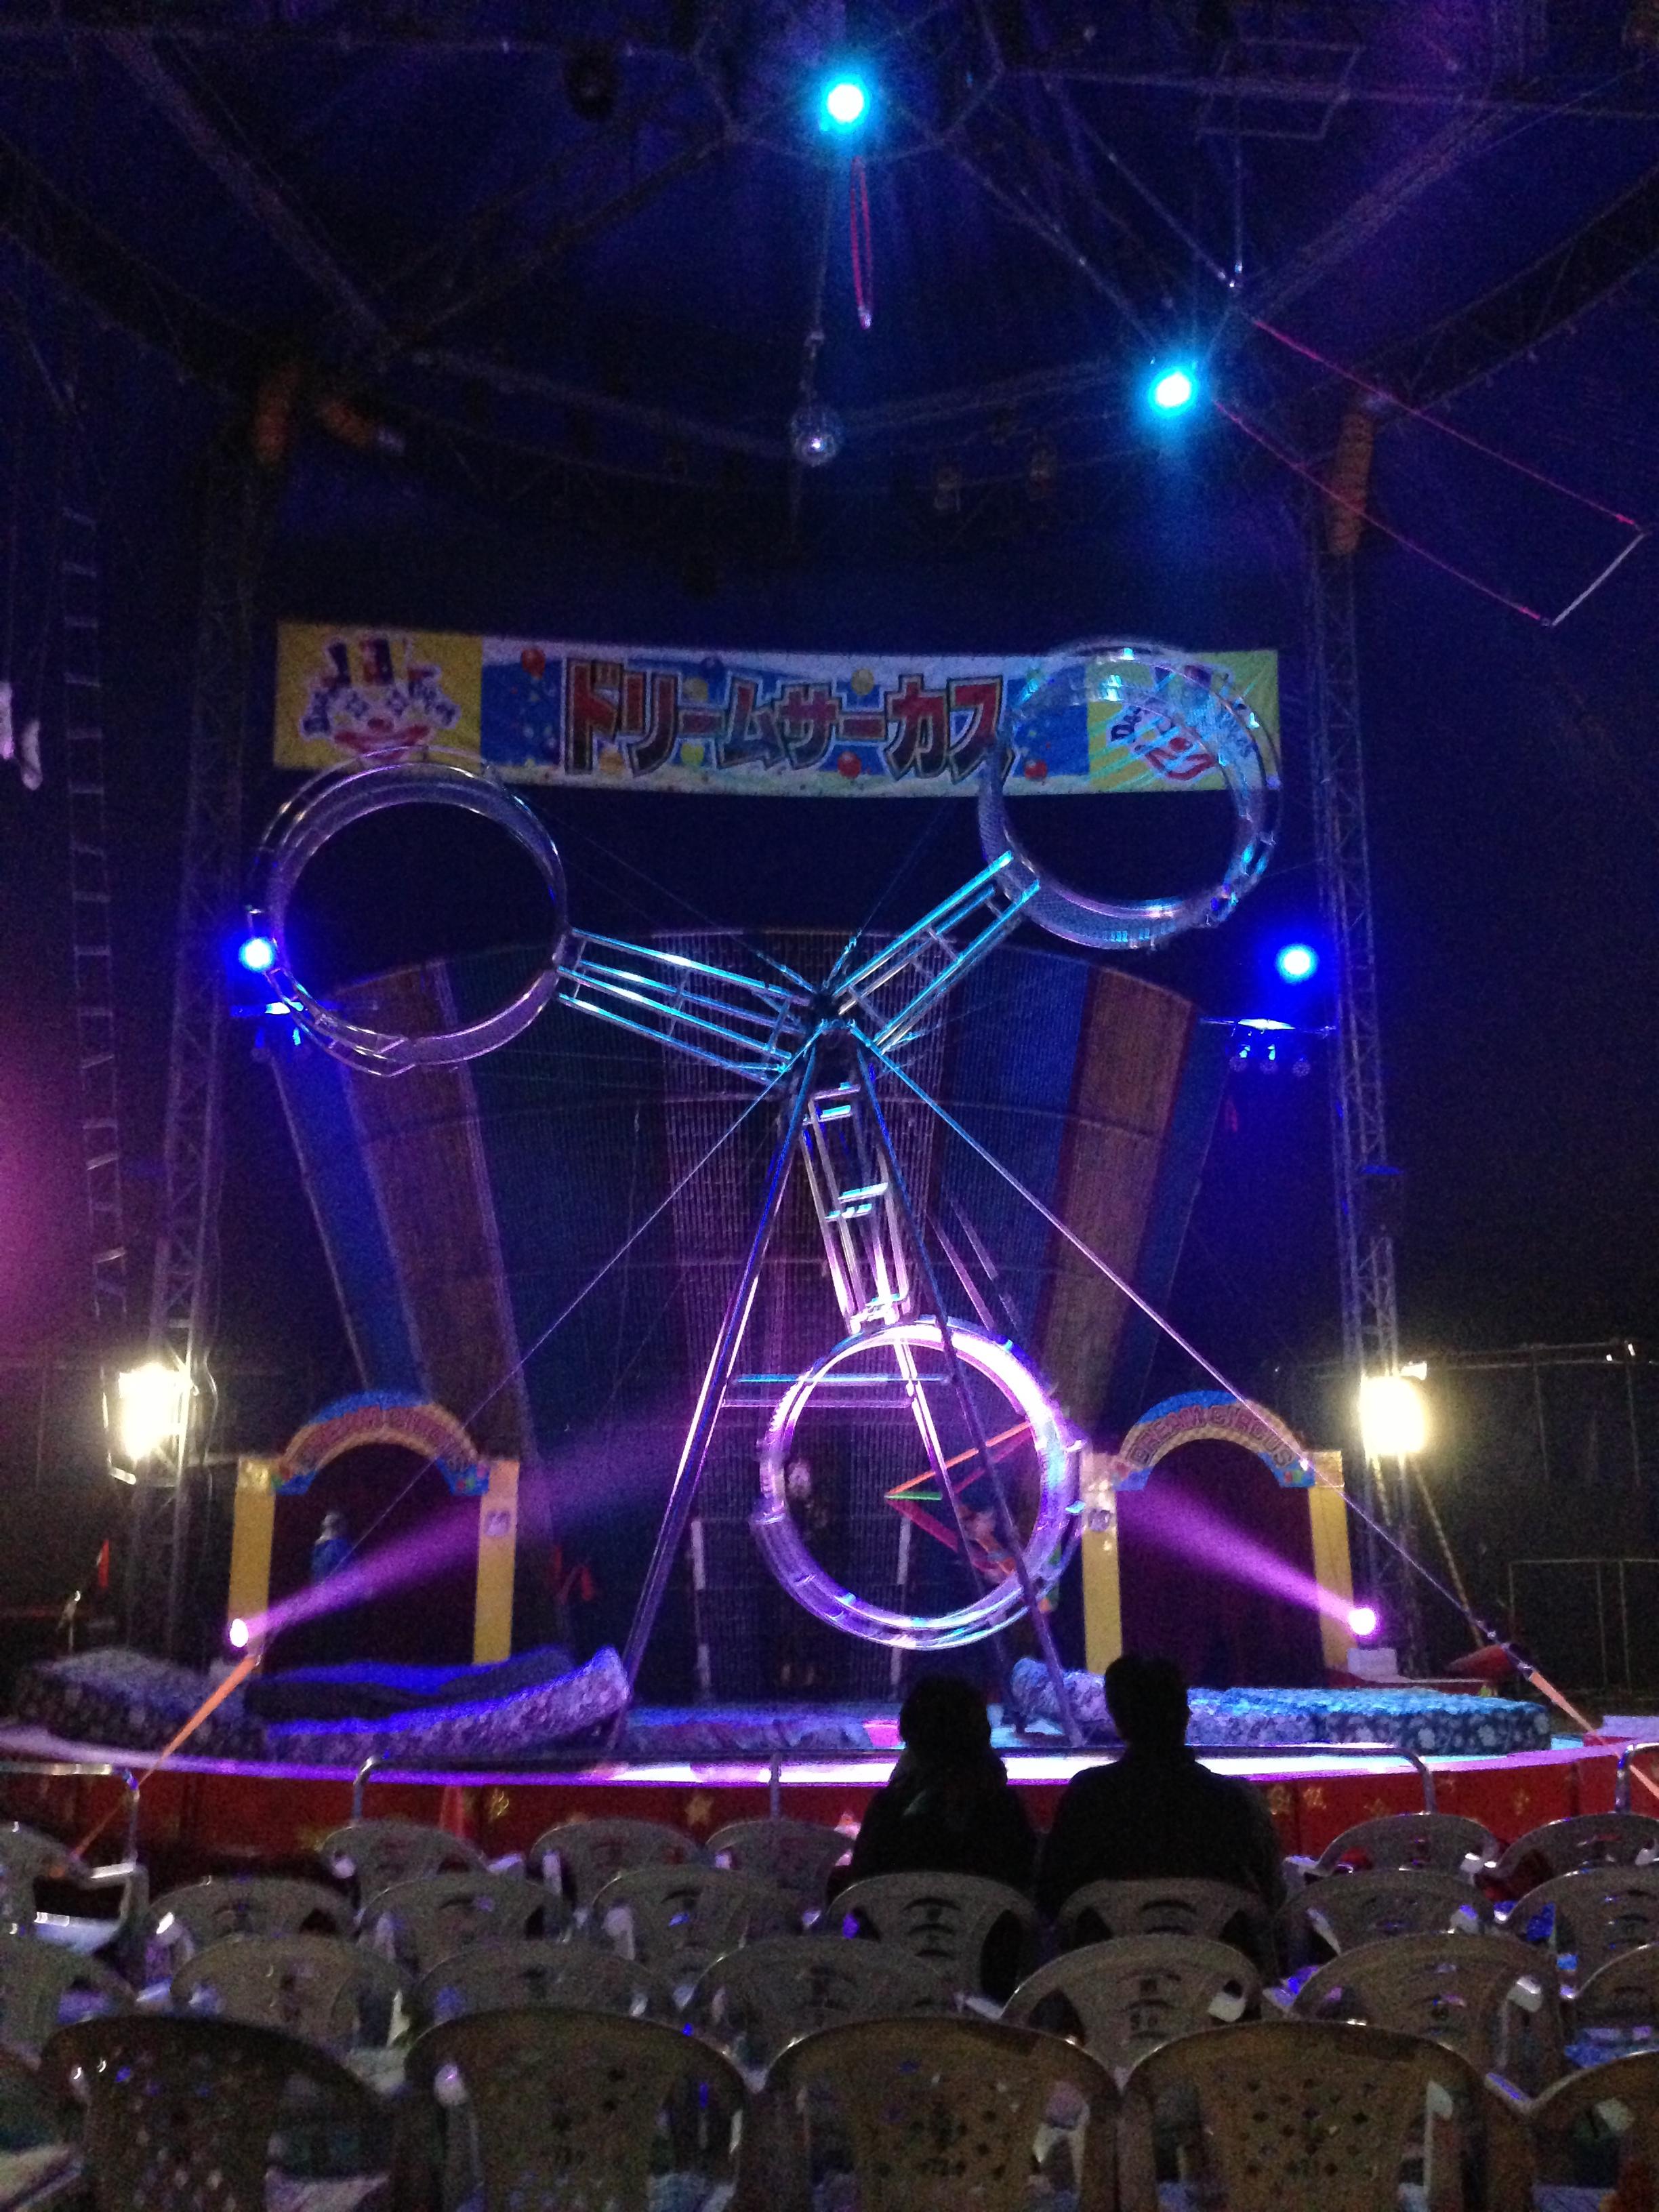 ハッピードリームサーカス 子供も大人も楽しめるイベントの演目は?団員構成、会場チケット情報、団員たちの生活は?